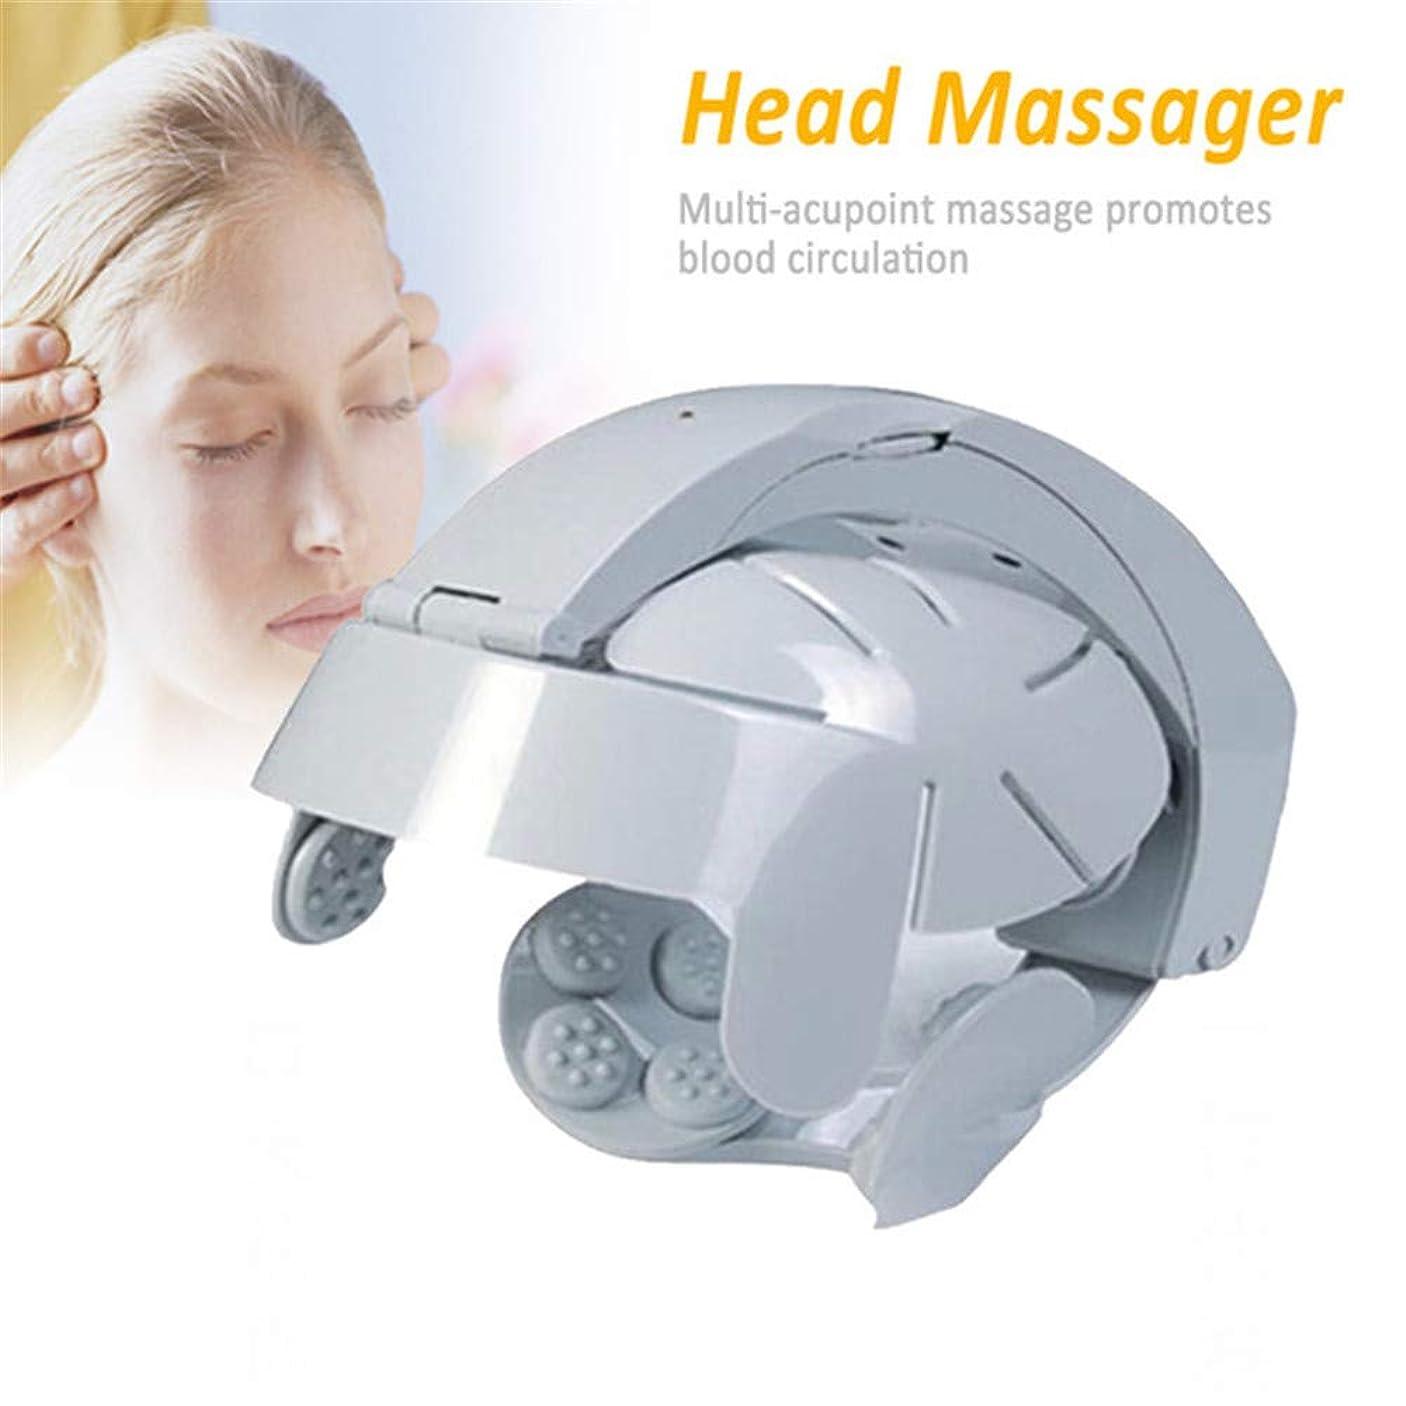 手首にんじん死の顎電動ヘッドマッサージ器指圧ヘルメットヘッドマッサージ器で振動を緩和ストレス神経刺激を緩和して頭痛を和らげます